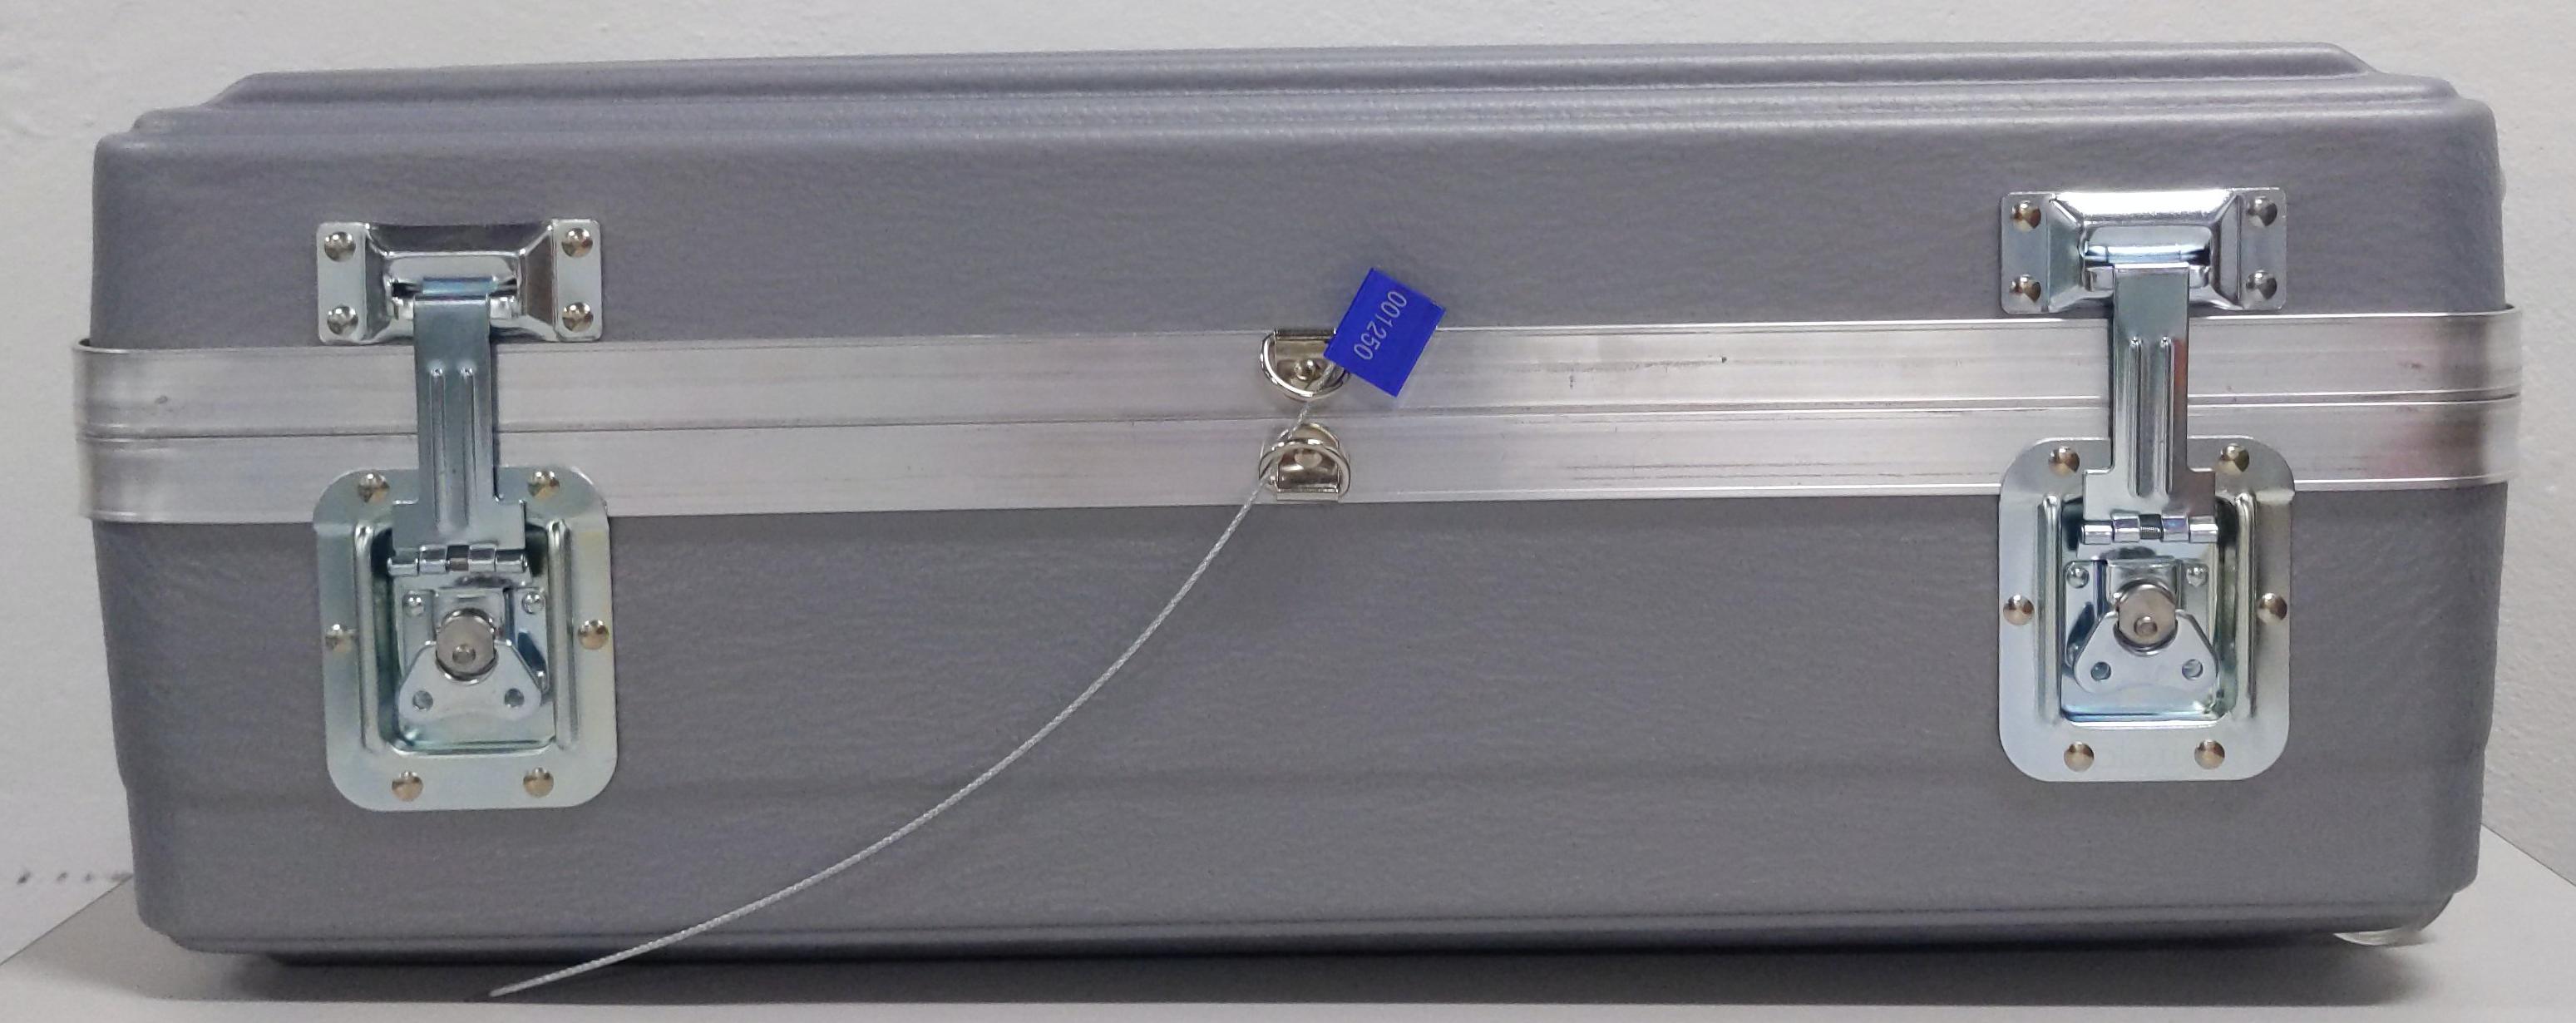 輸送ケースの D リングに改ざん防止ワイヤータグを挿入する